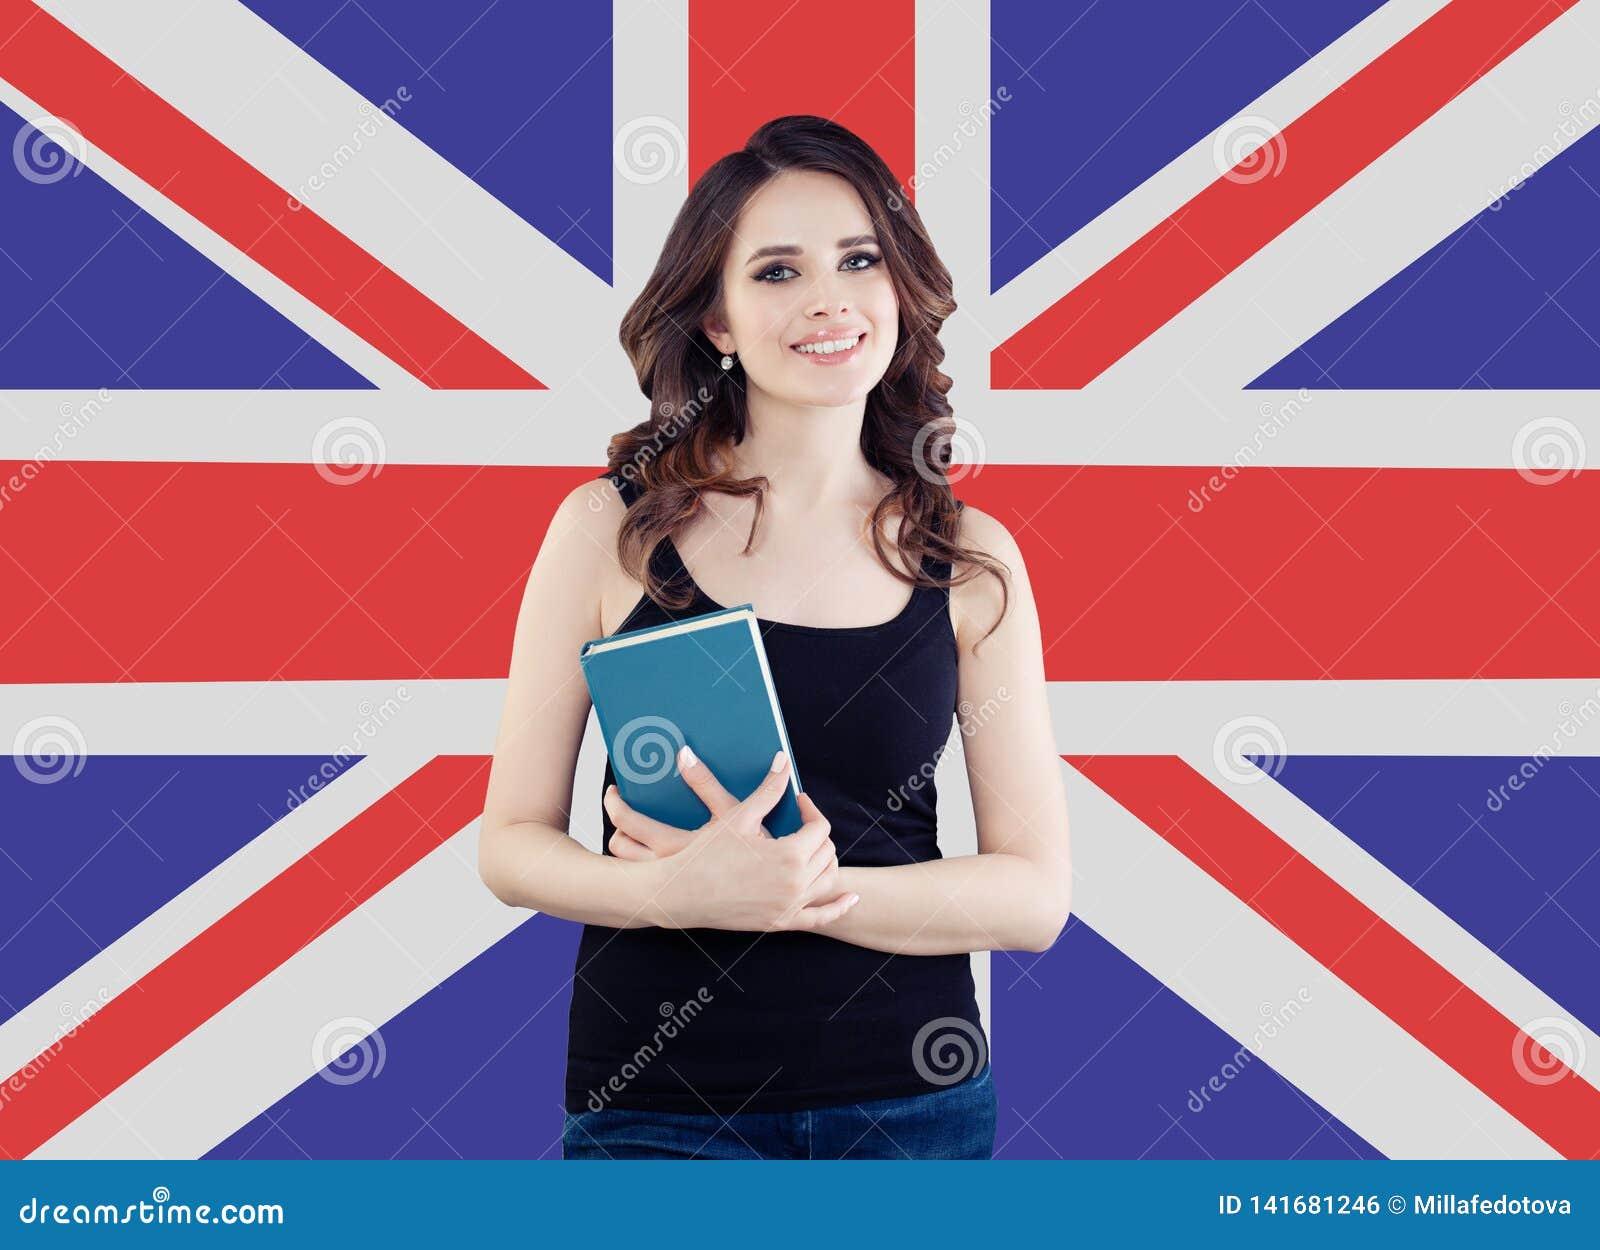 Menina de sorriso no fundo BRITÂNICO da bandeira Mulher alegre bonita que aprende a língua inglesa e que viaja em Reino Unido